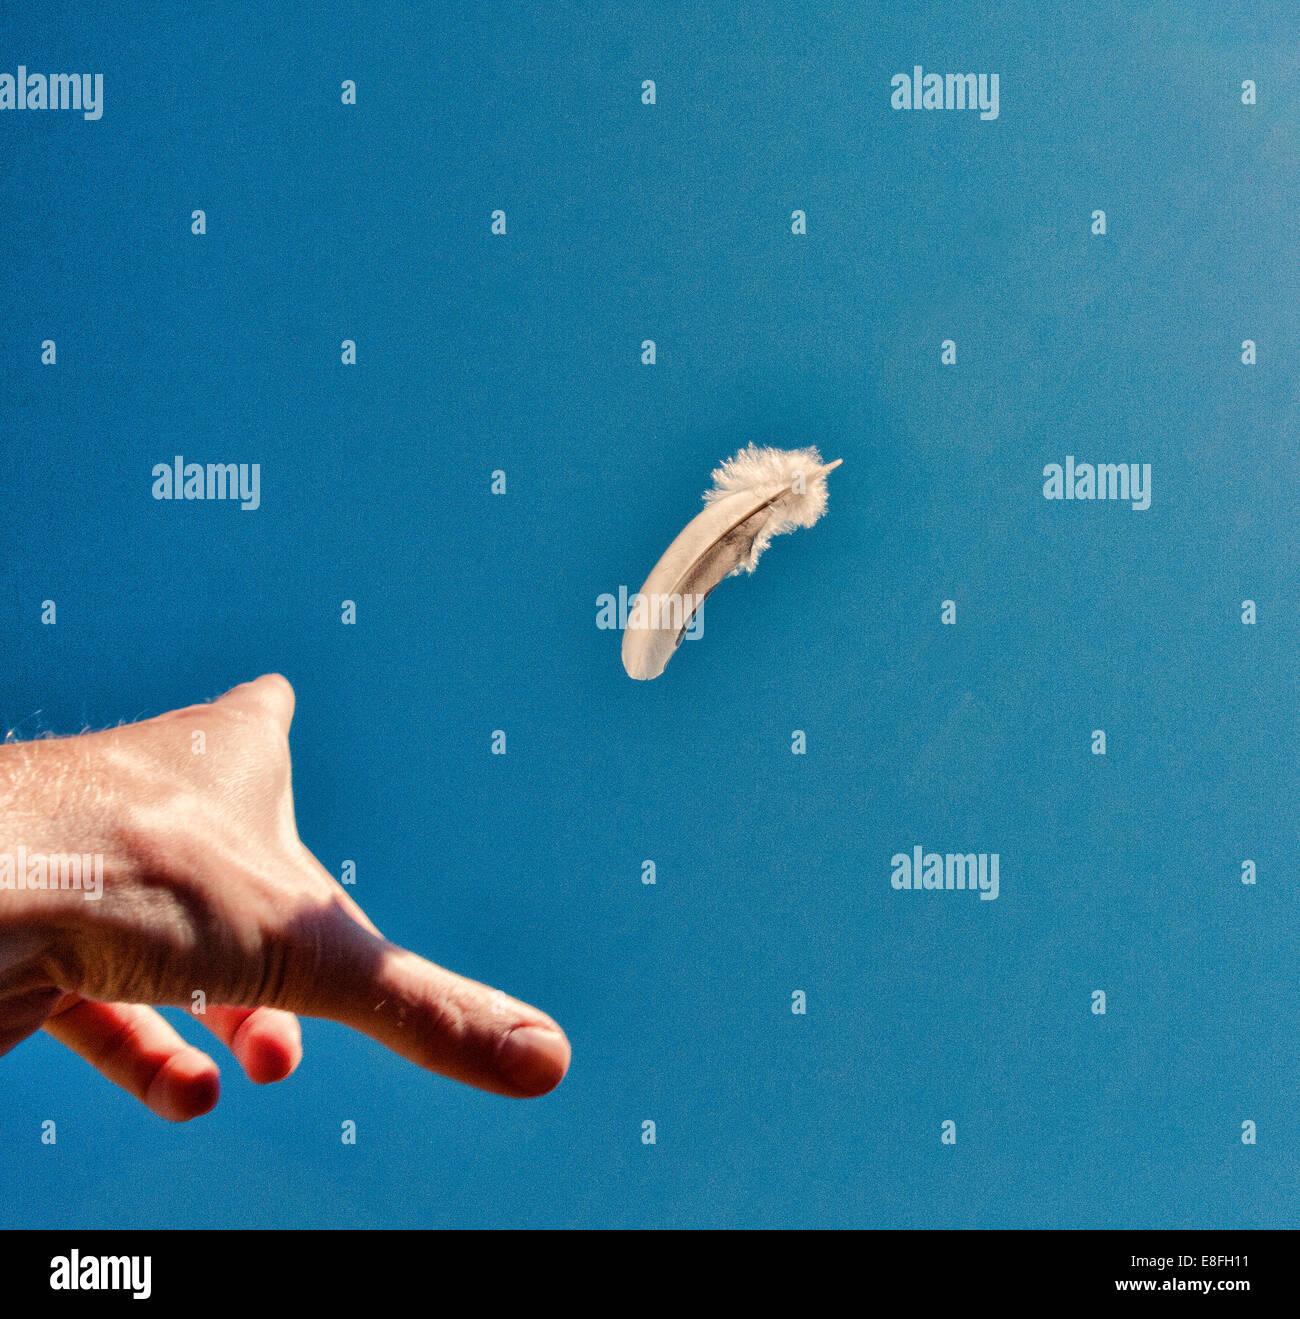 La mano del hombre tirando hacia abajo en el aire Imagen De Stock